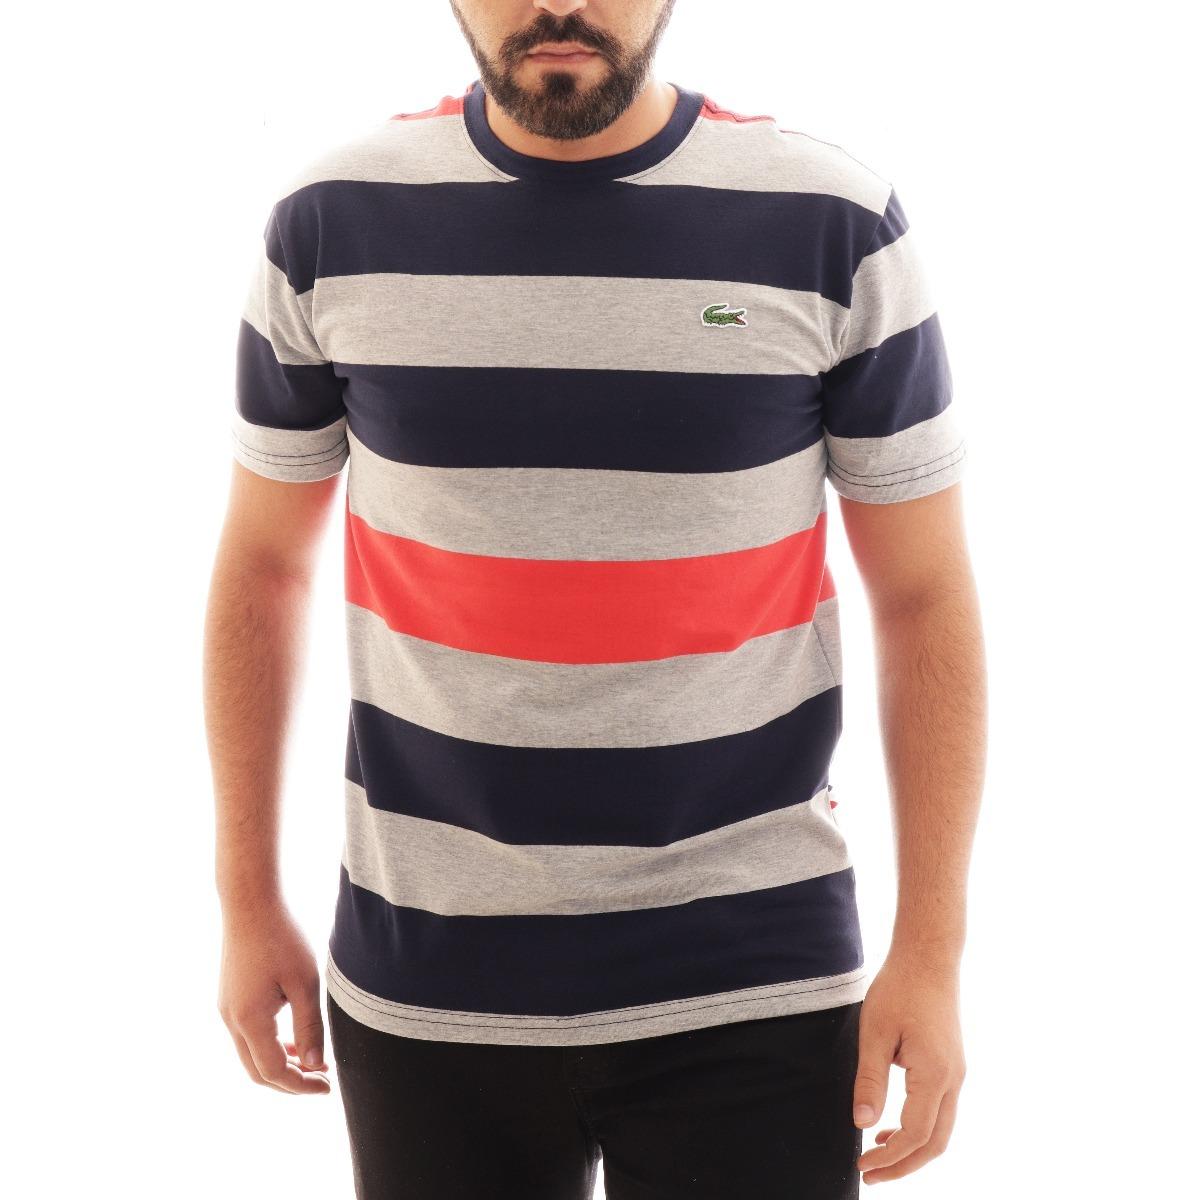 camisa camiseta lacoste listrada masc cinza azul original. Carregando zoom. 1e90a43311